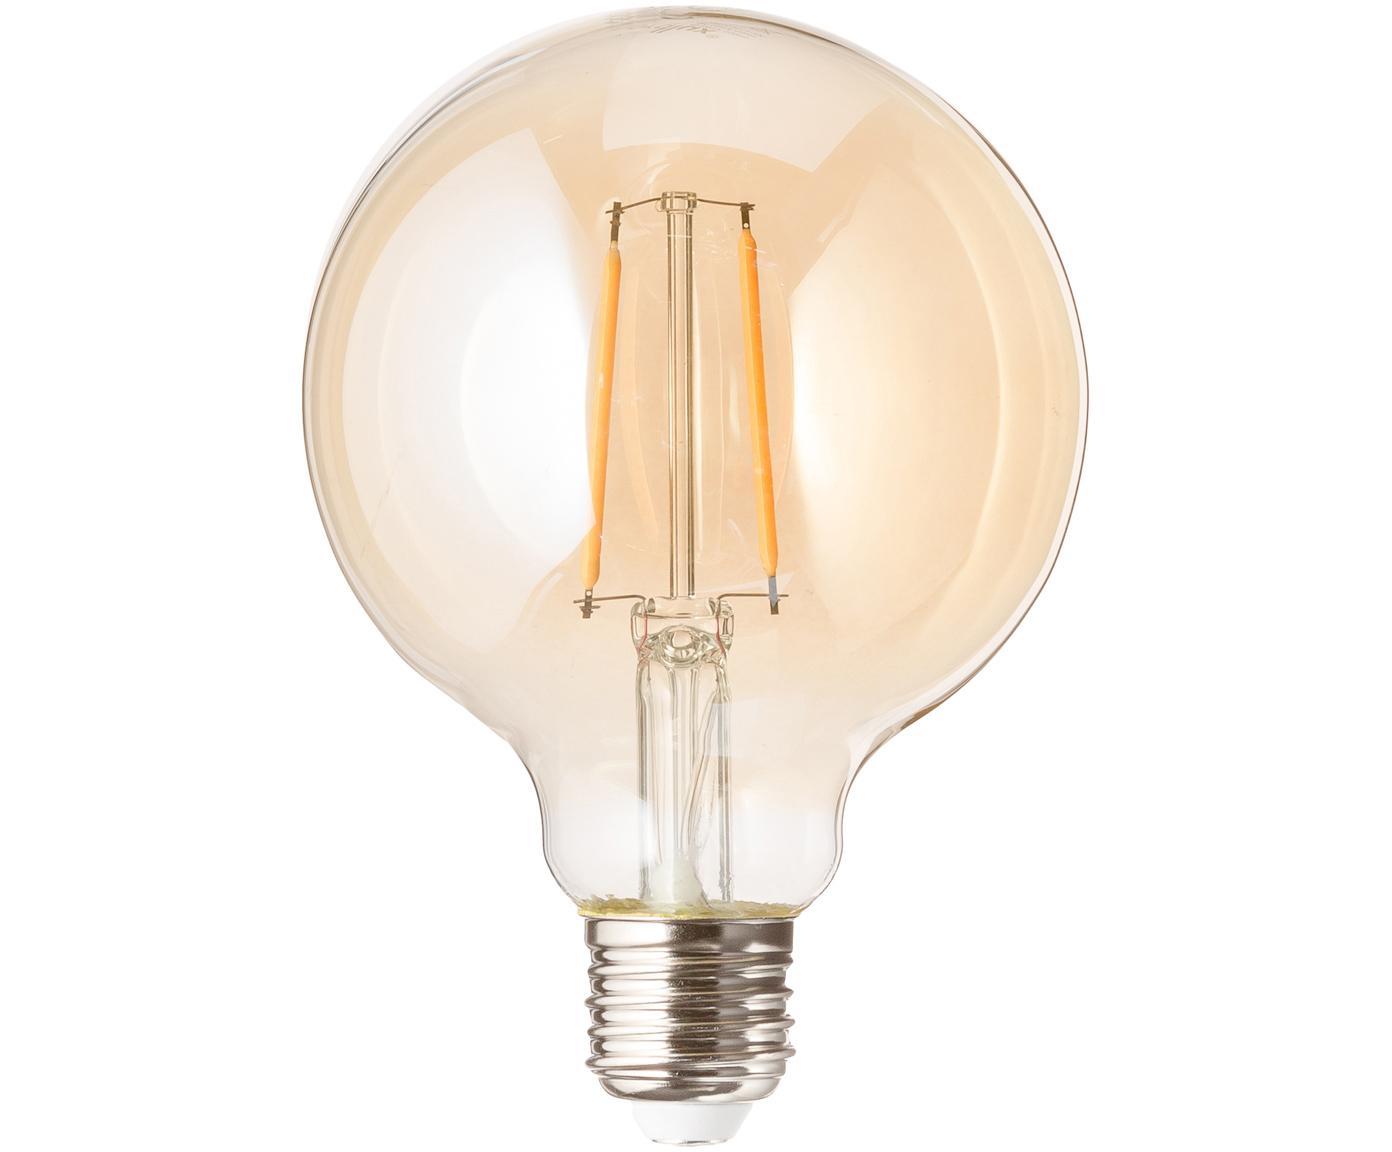 Bombilla LED Rash (E27/1,2W), Ampolla: vidrio, Casquillo: aluminio, Ámbar, Ø 10 x Al 14 cm